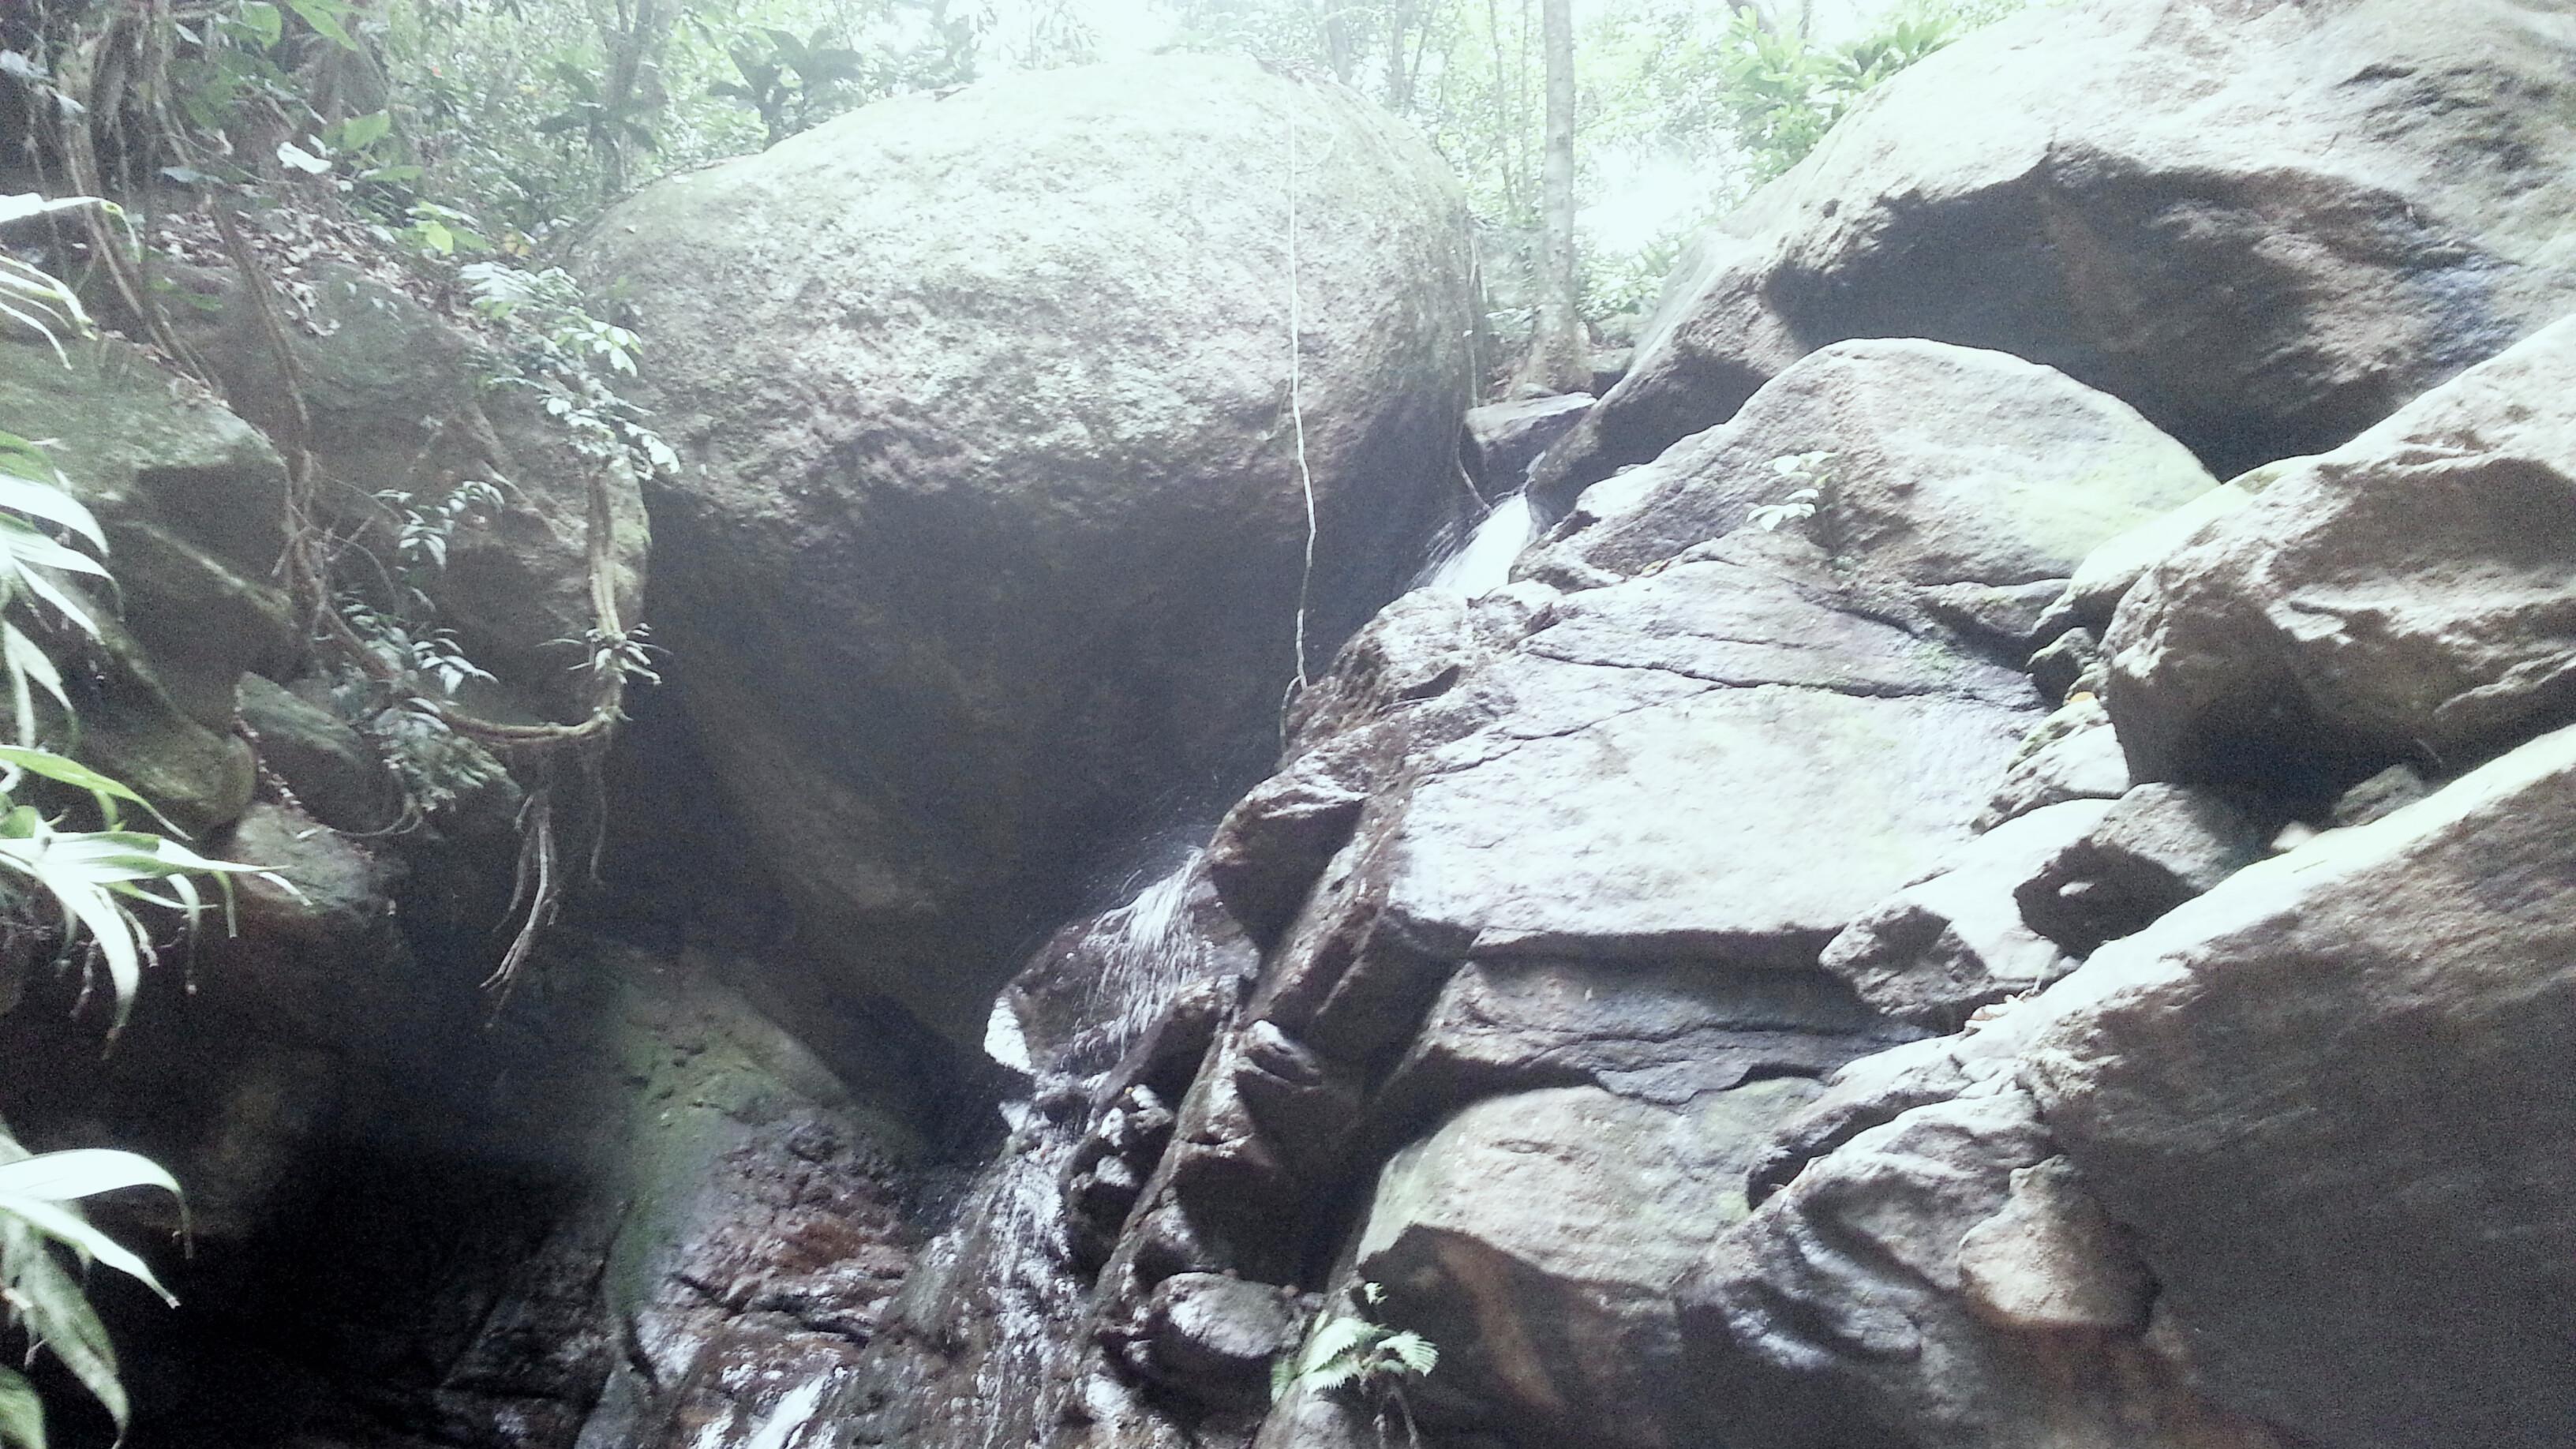 Fui fazer uma trilha, contemplar a natureza, ter um bom papo. Foi o melhor investimento do meu tempo.